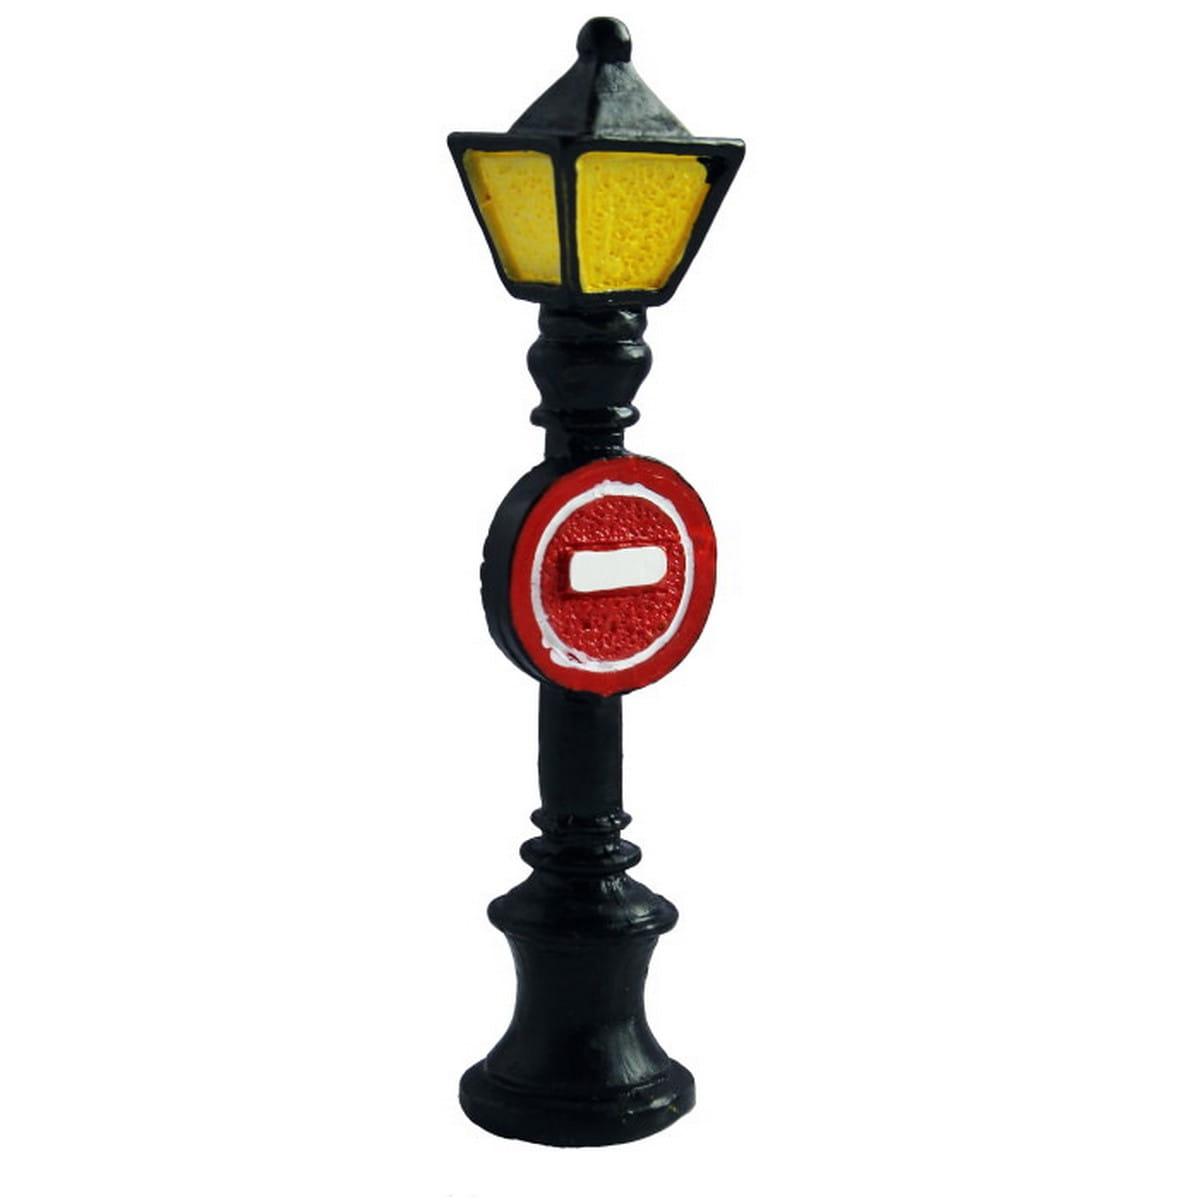 Miniature Traffic Signal